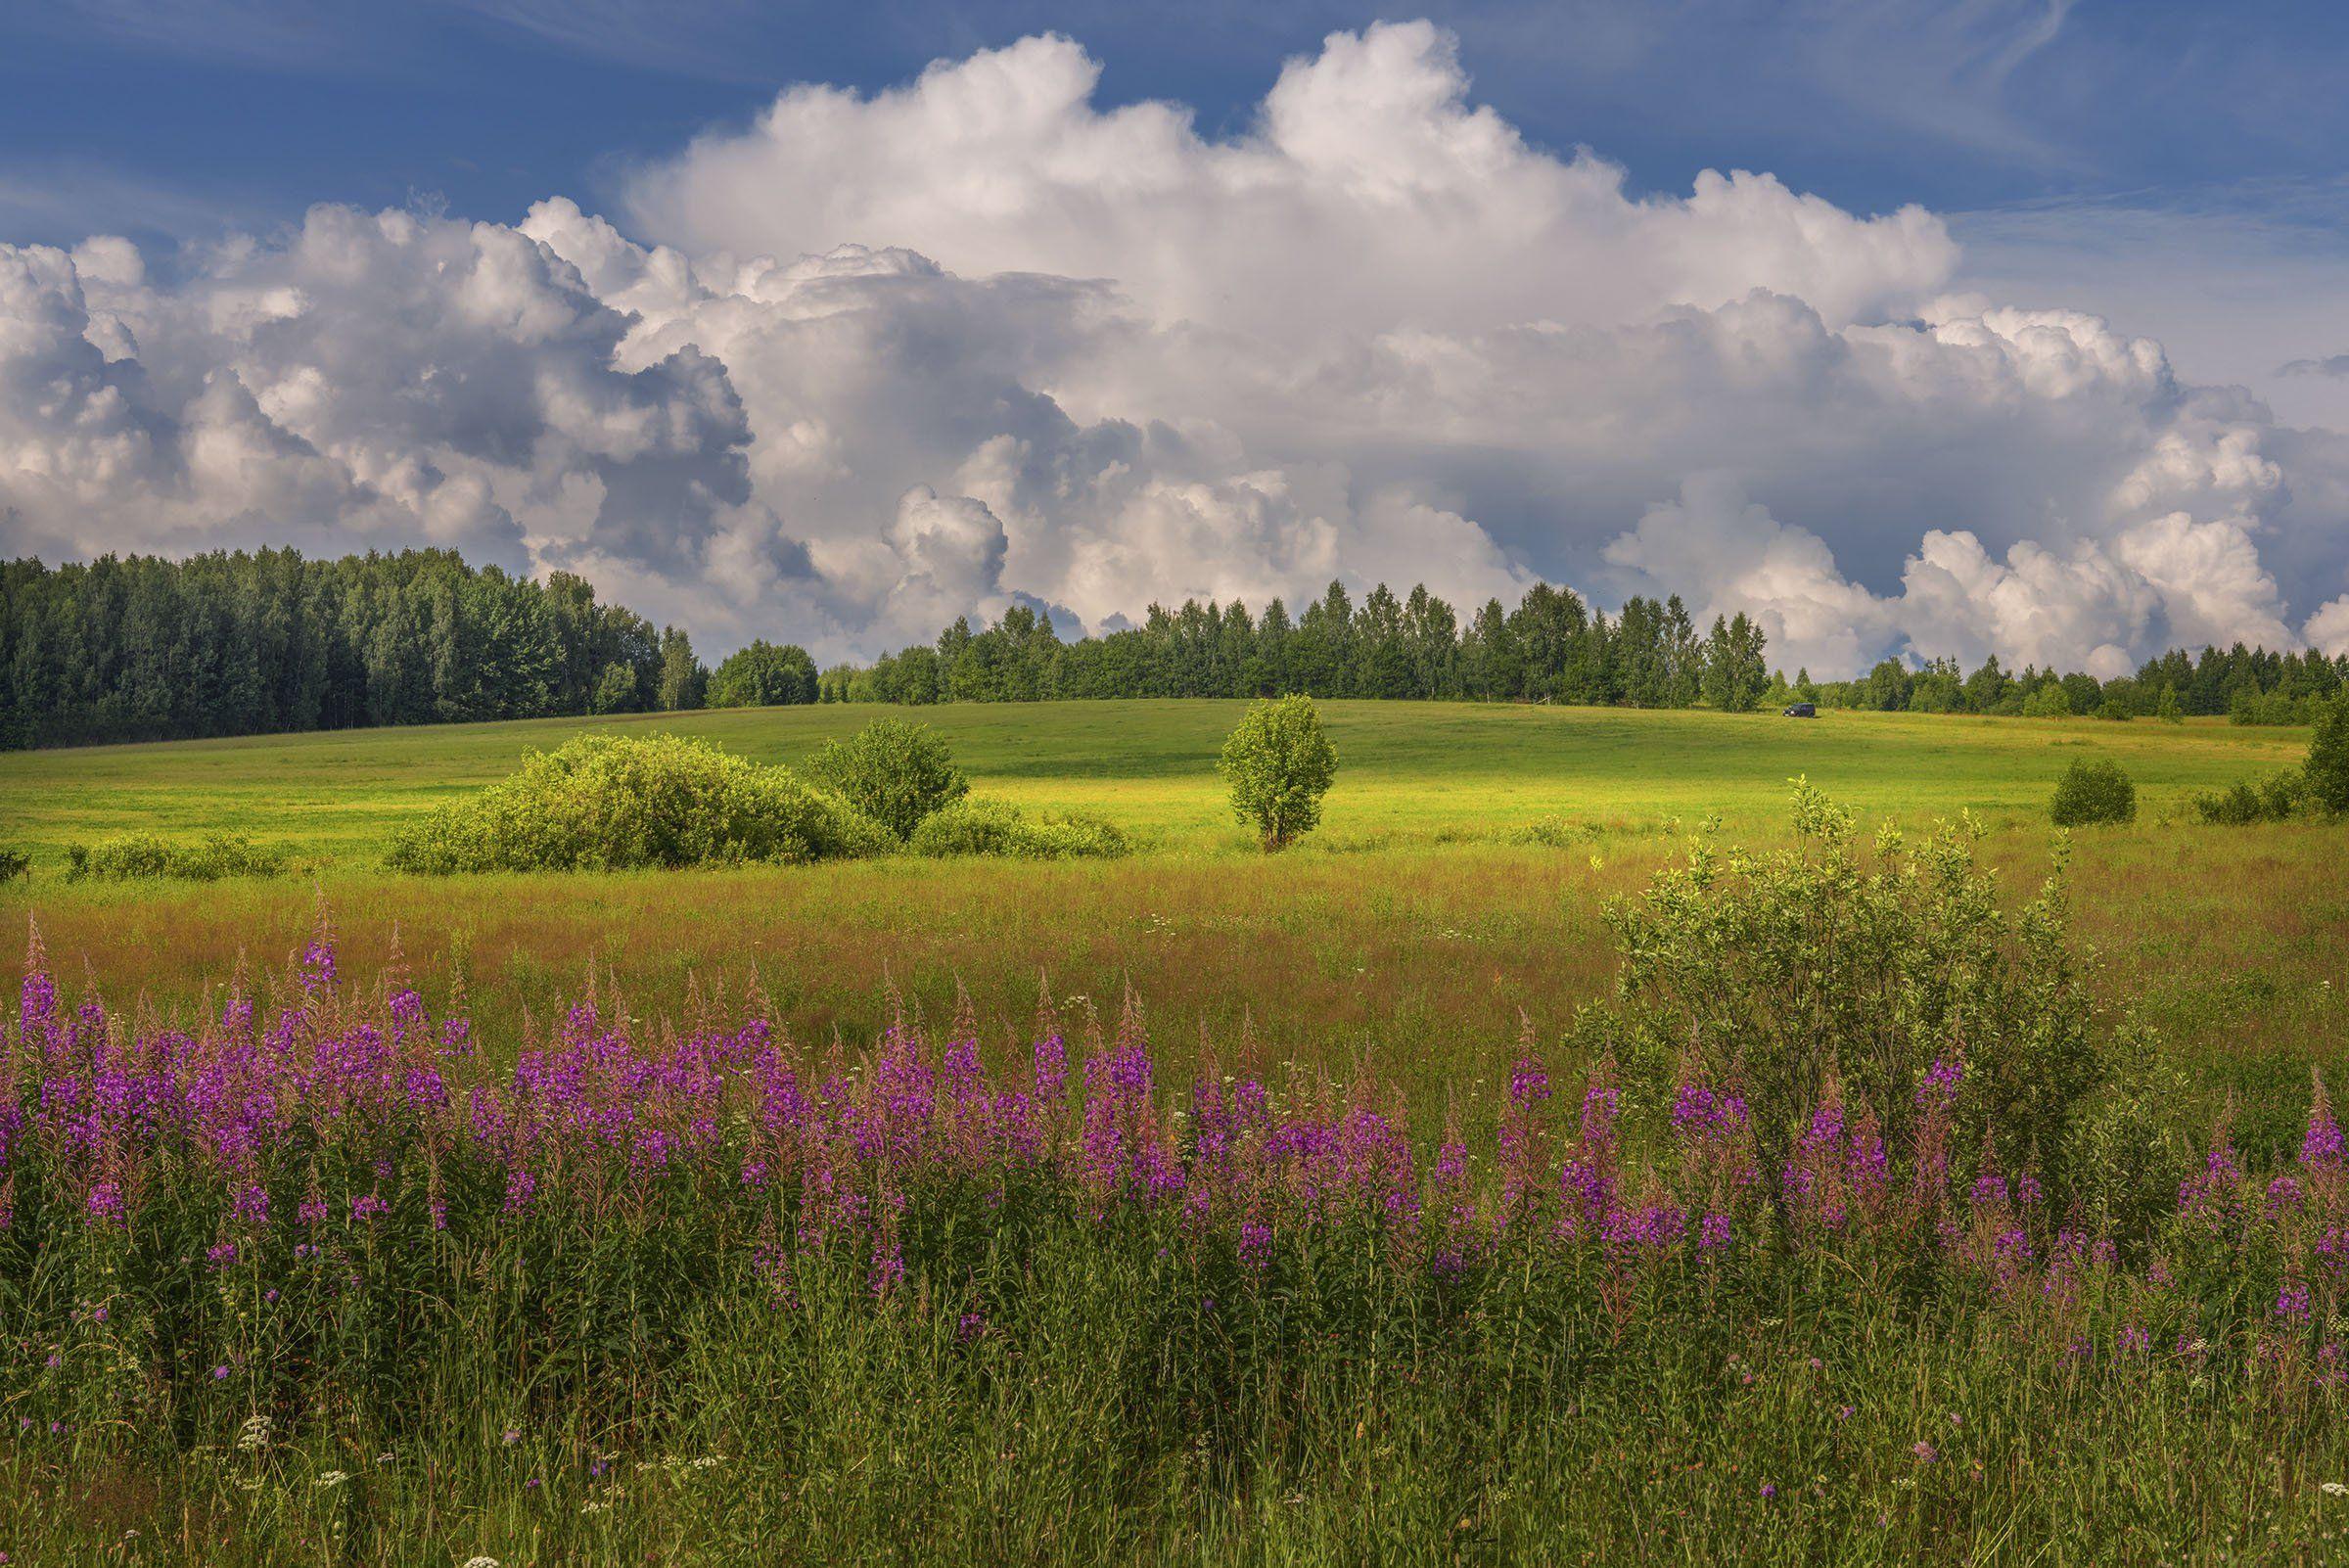 Фототуры с Владимиром Рябковым, Нижежегородская область, лето, природа., Владимир Рябков